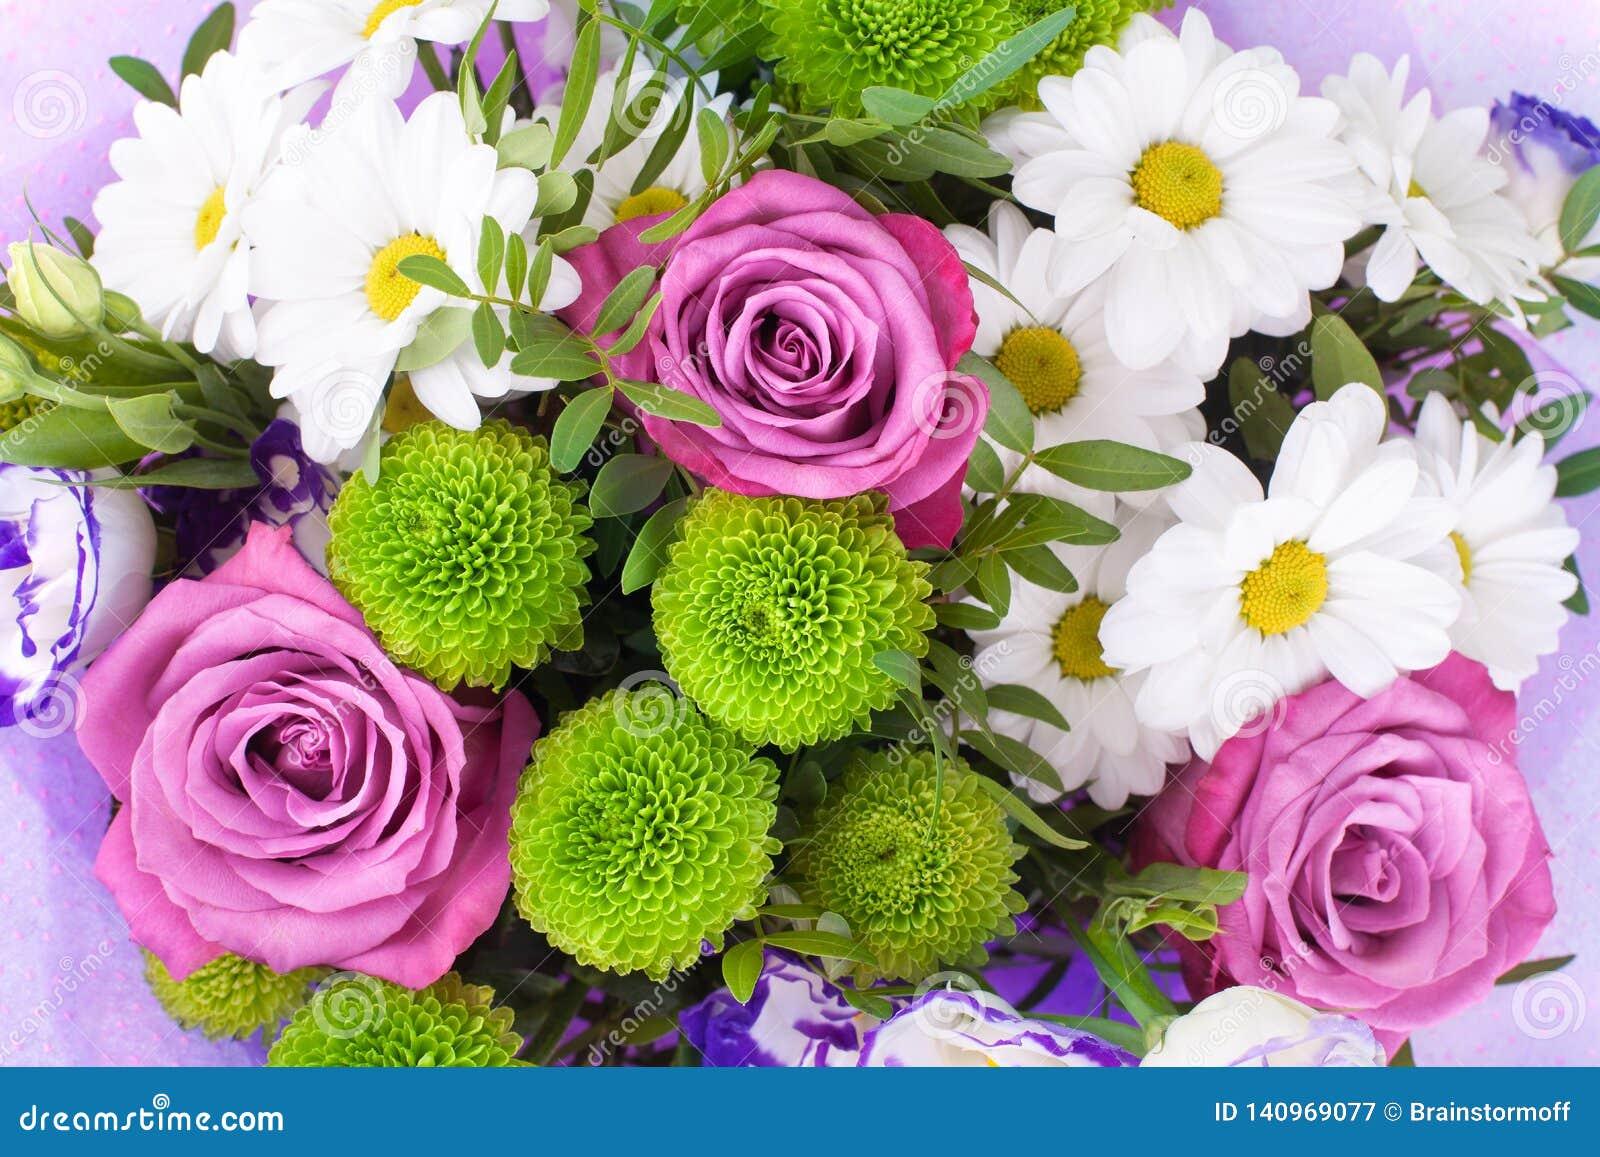 Blumenstrauß von rosa Rosen der Blumen, weiße Chrysanthemen mit grünen Blättern auf weißer Hintergrund lokalisiertem Abschluss ob